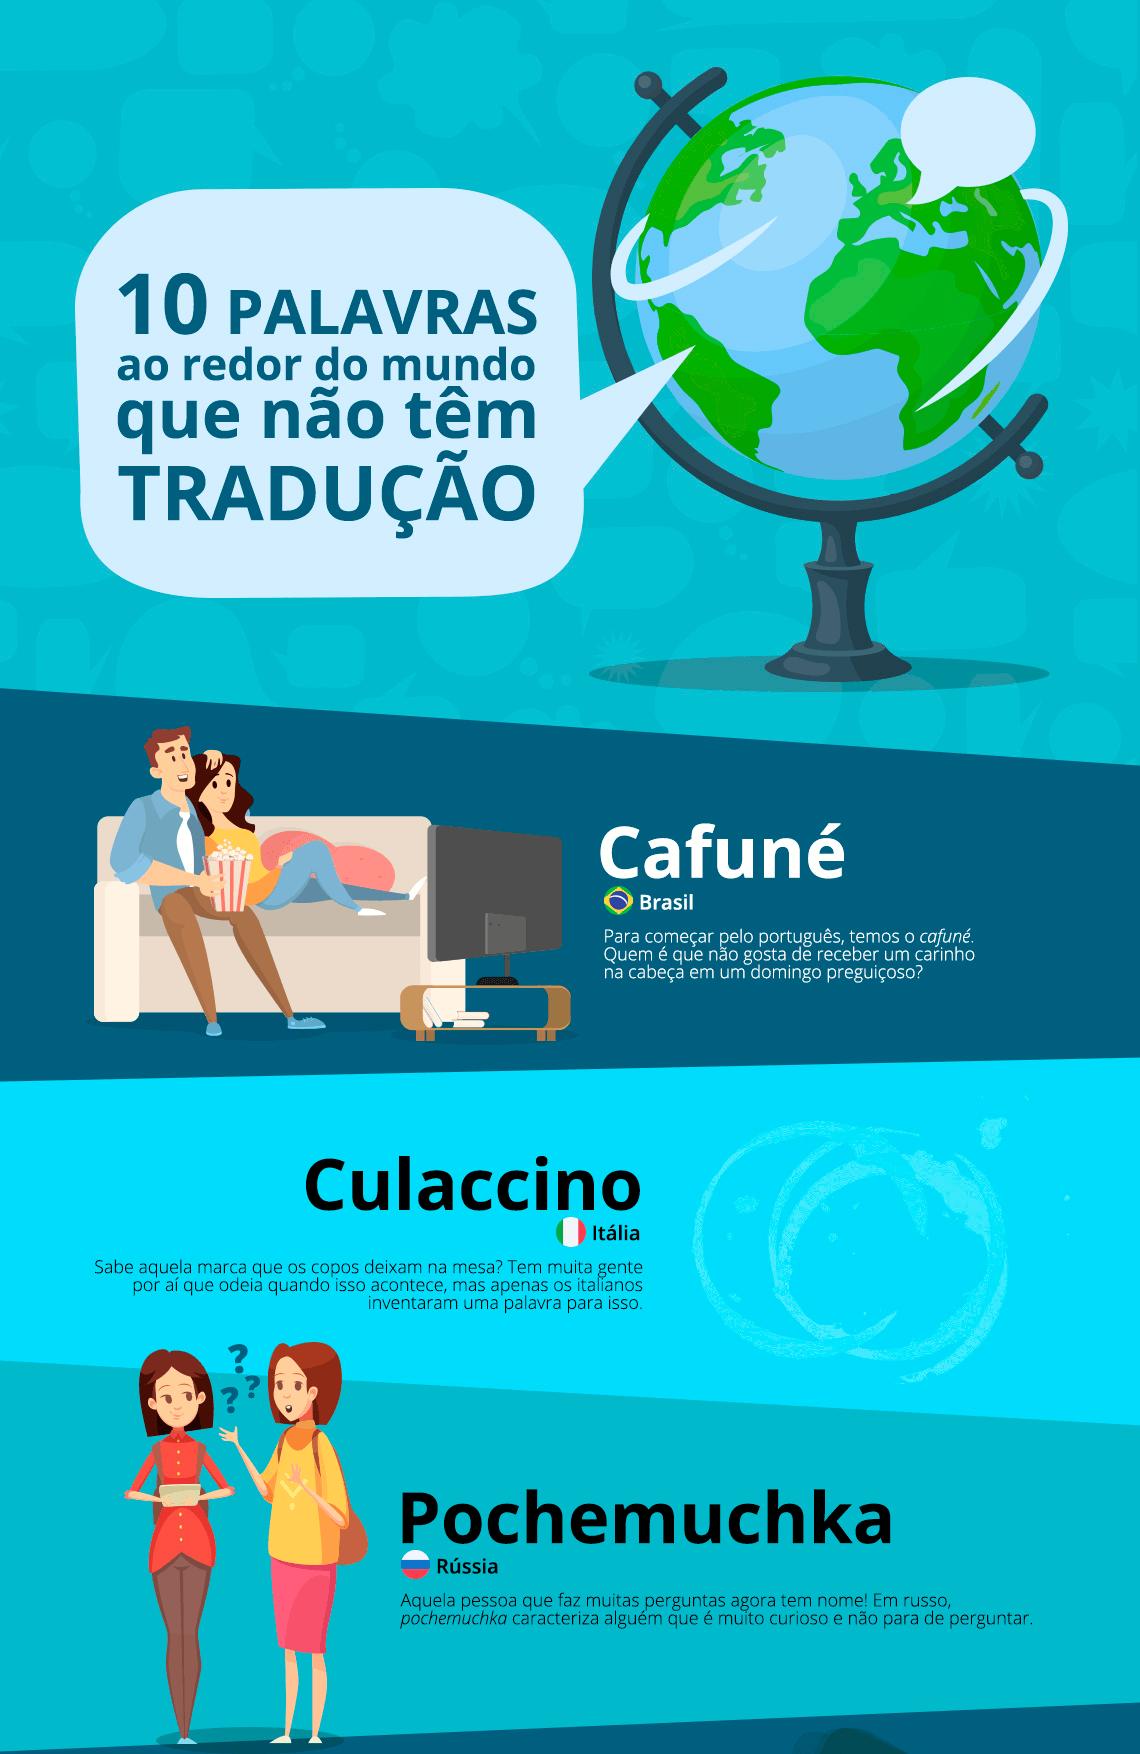 Palavras ao redor do mundo que não tem tradução